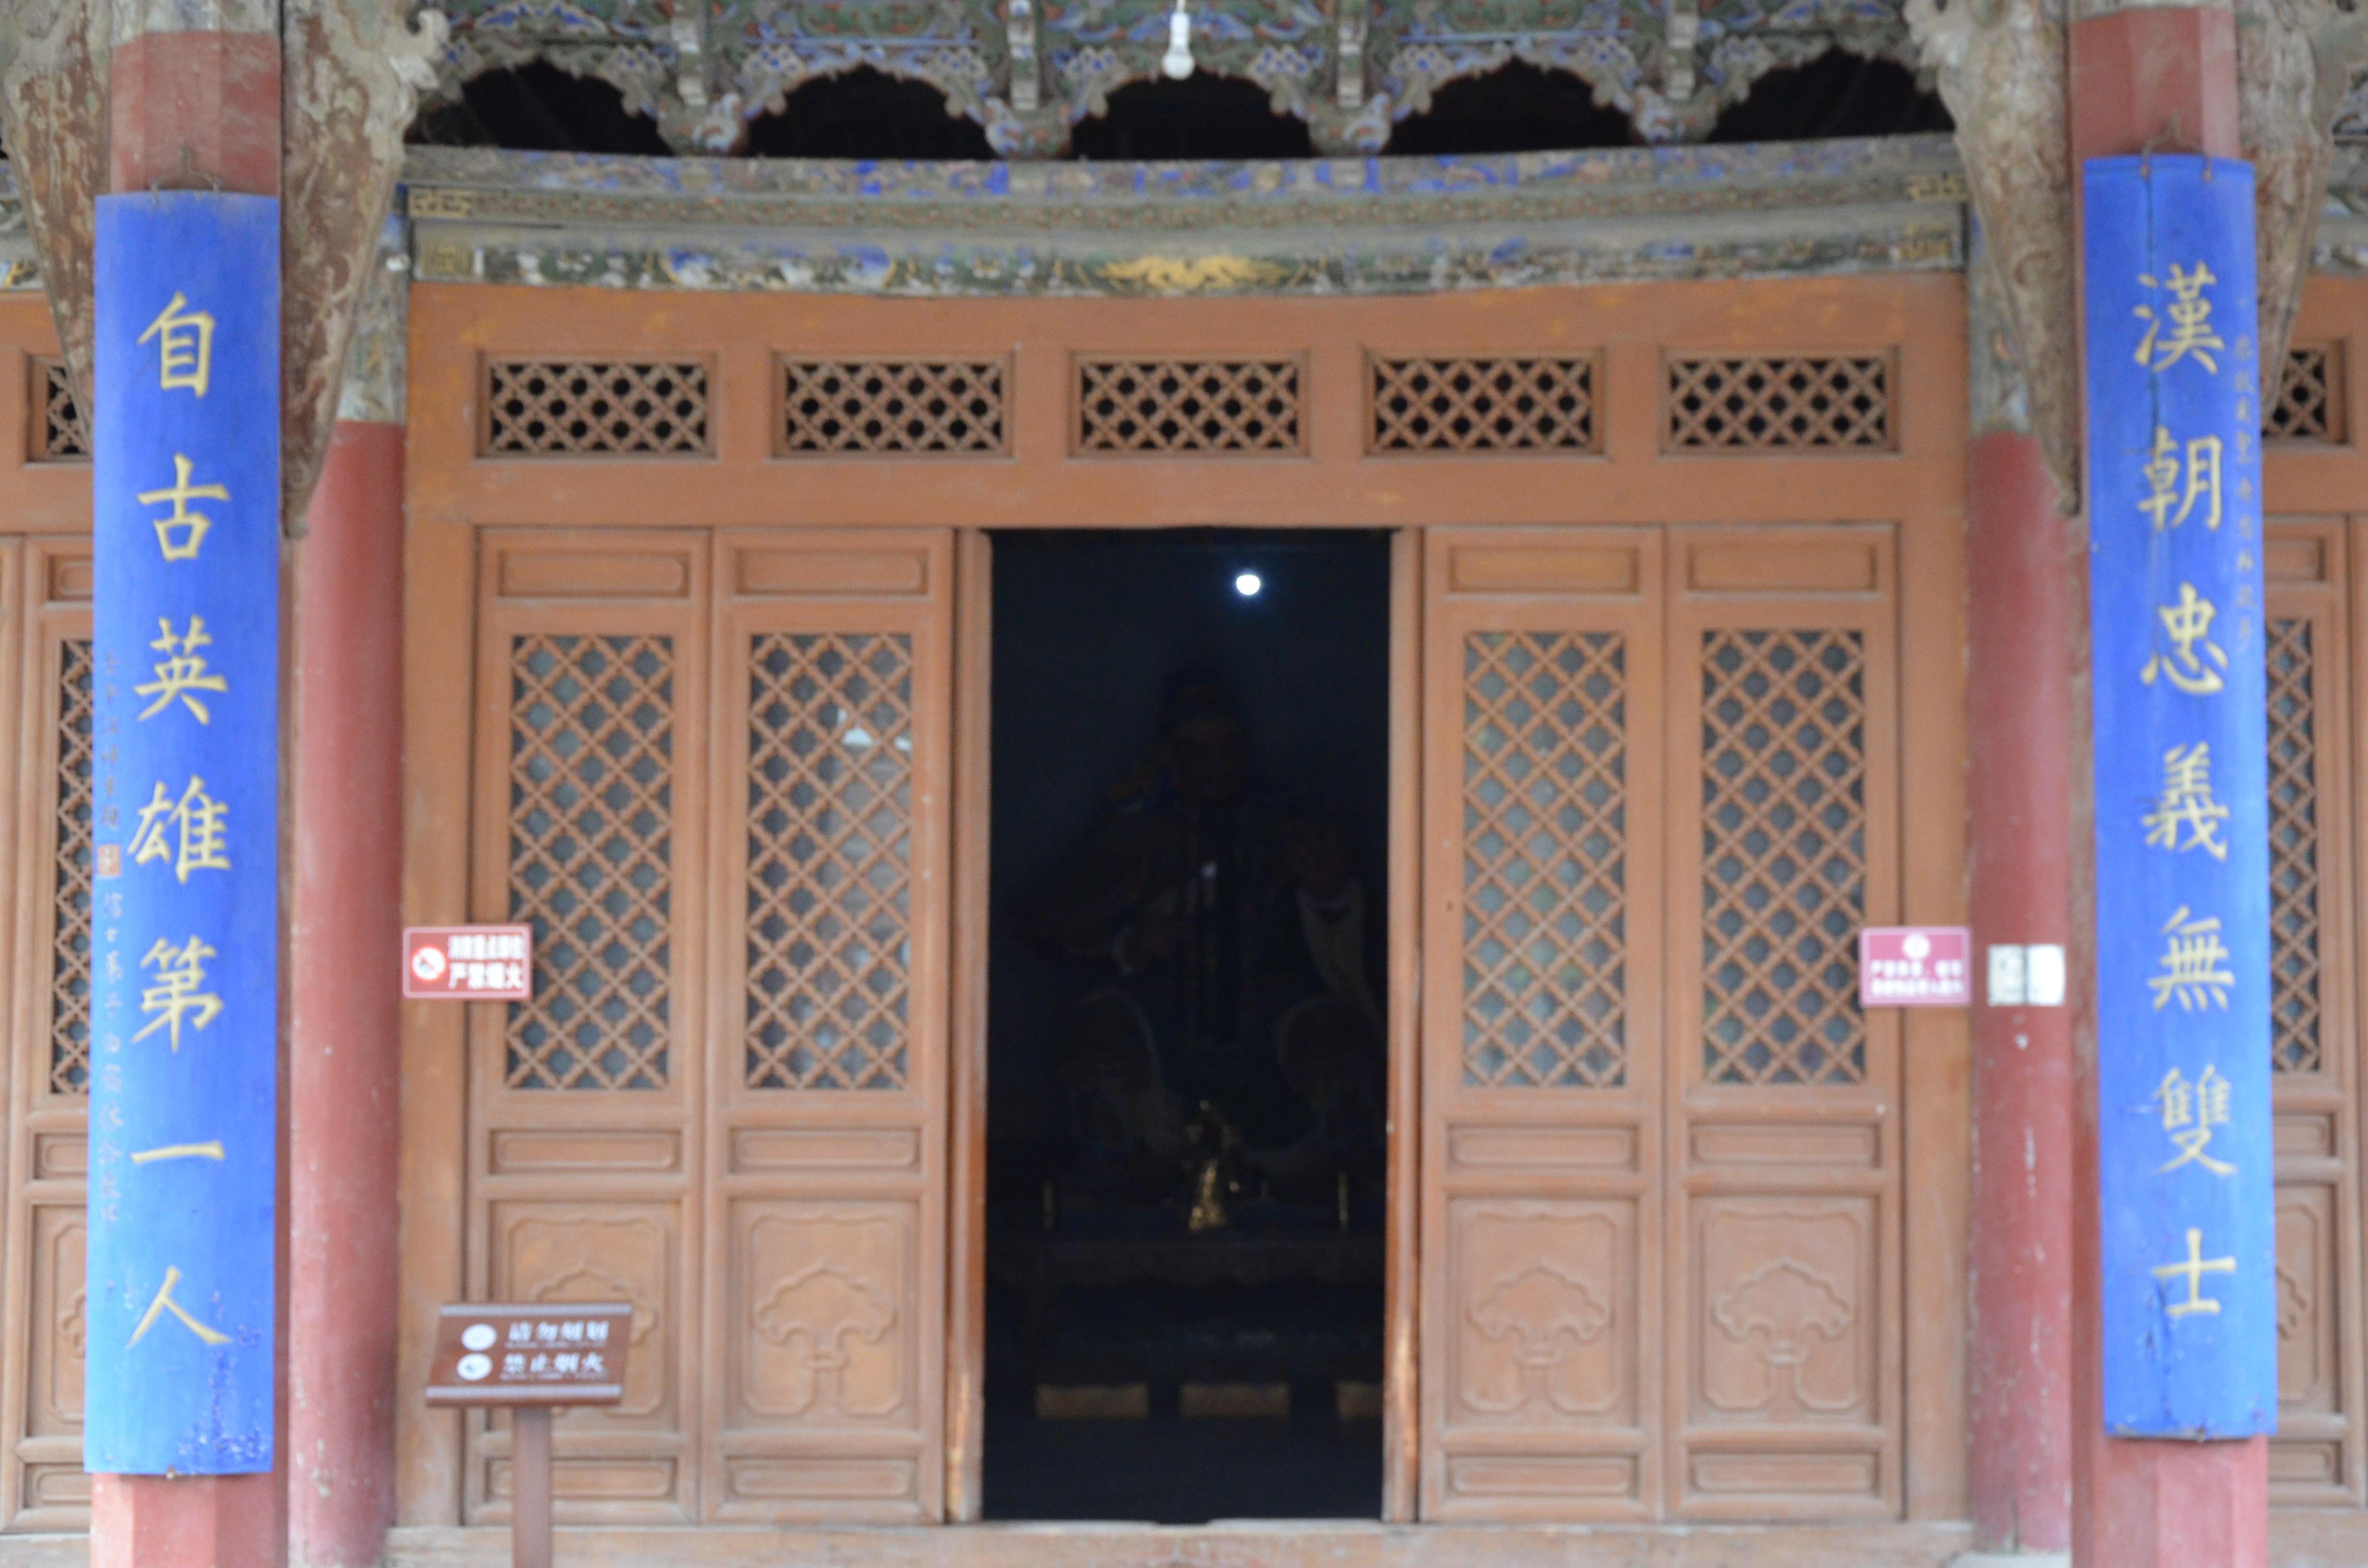 实拍:张掖第一景观----大佛寺(图)